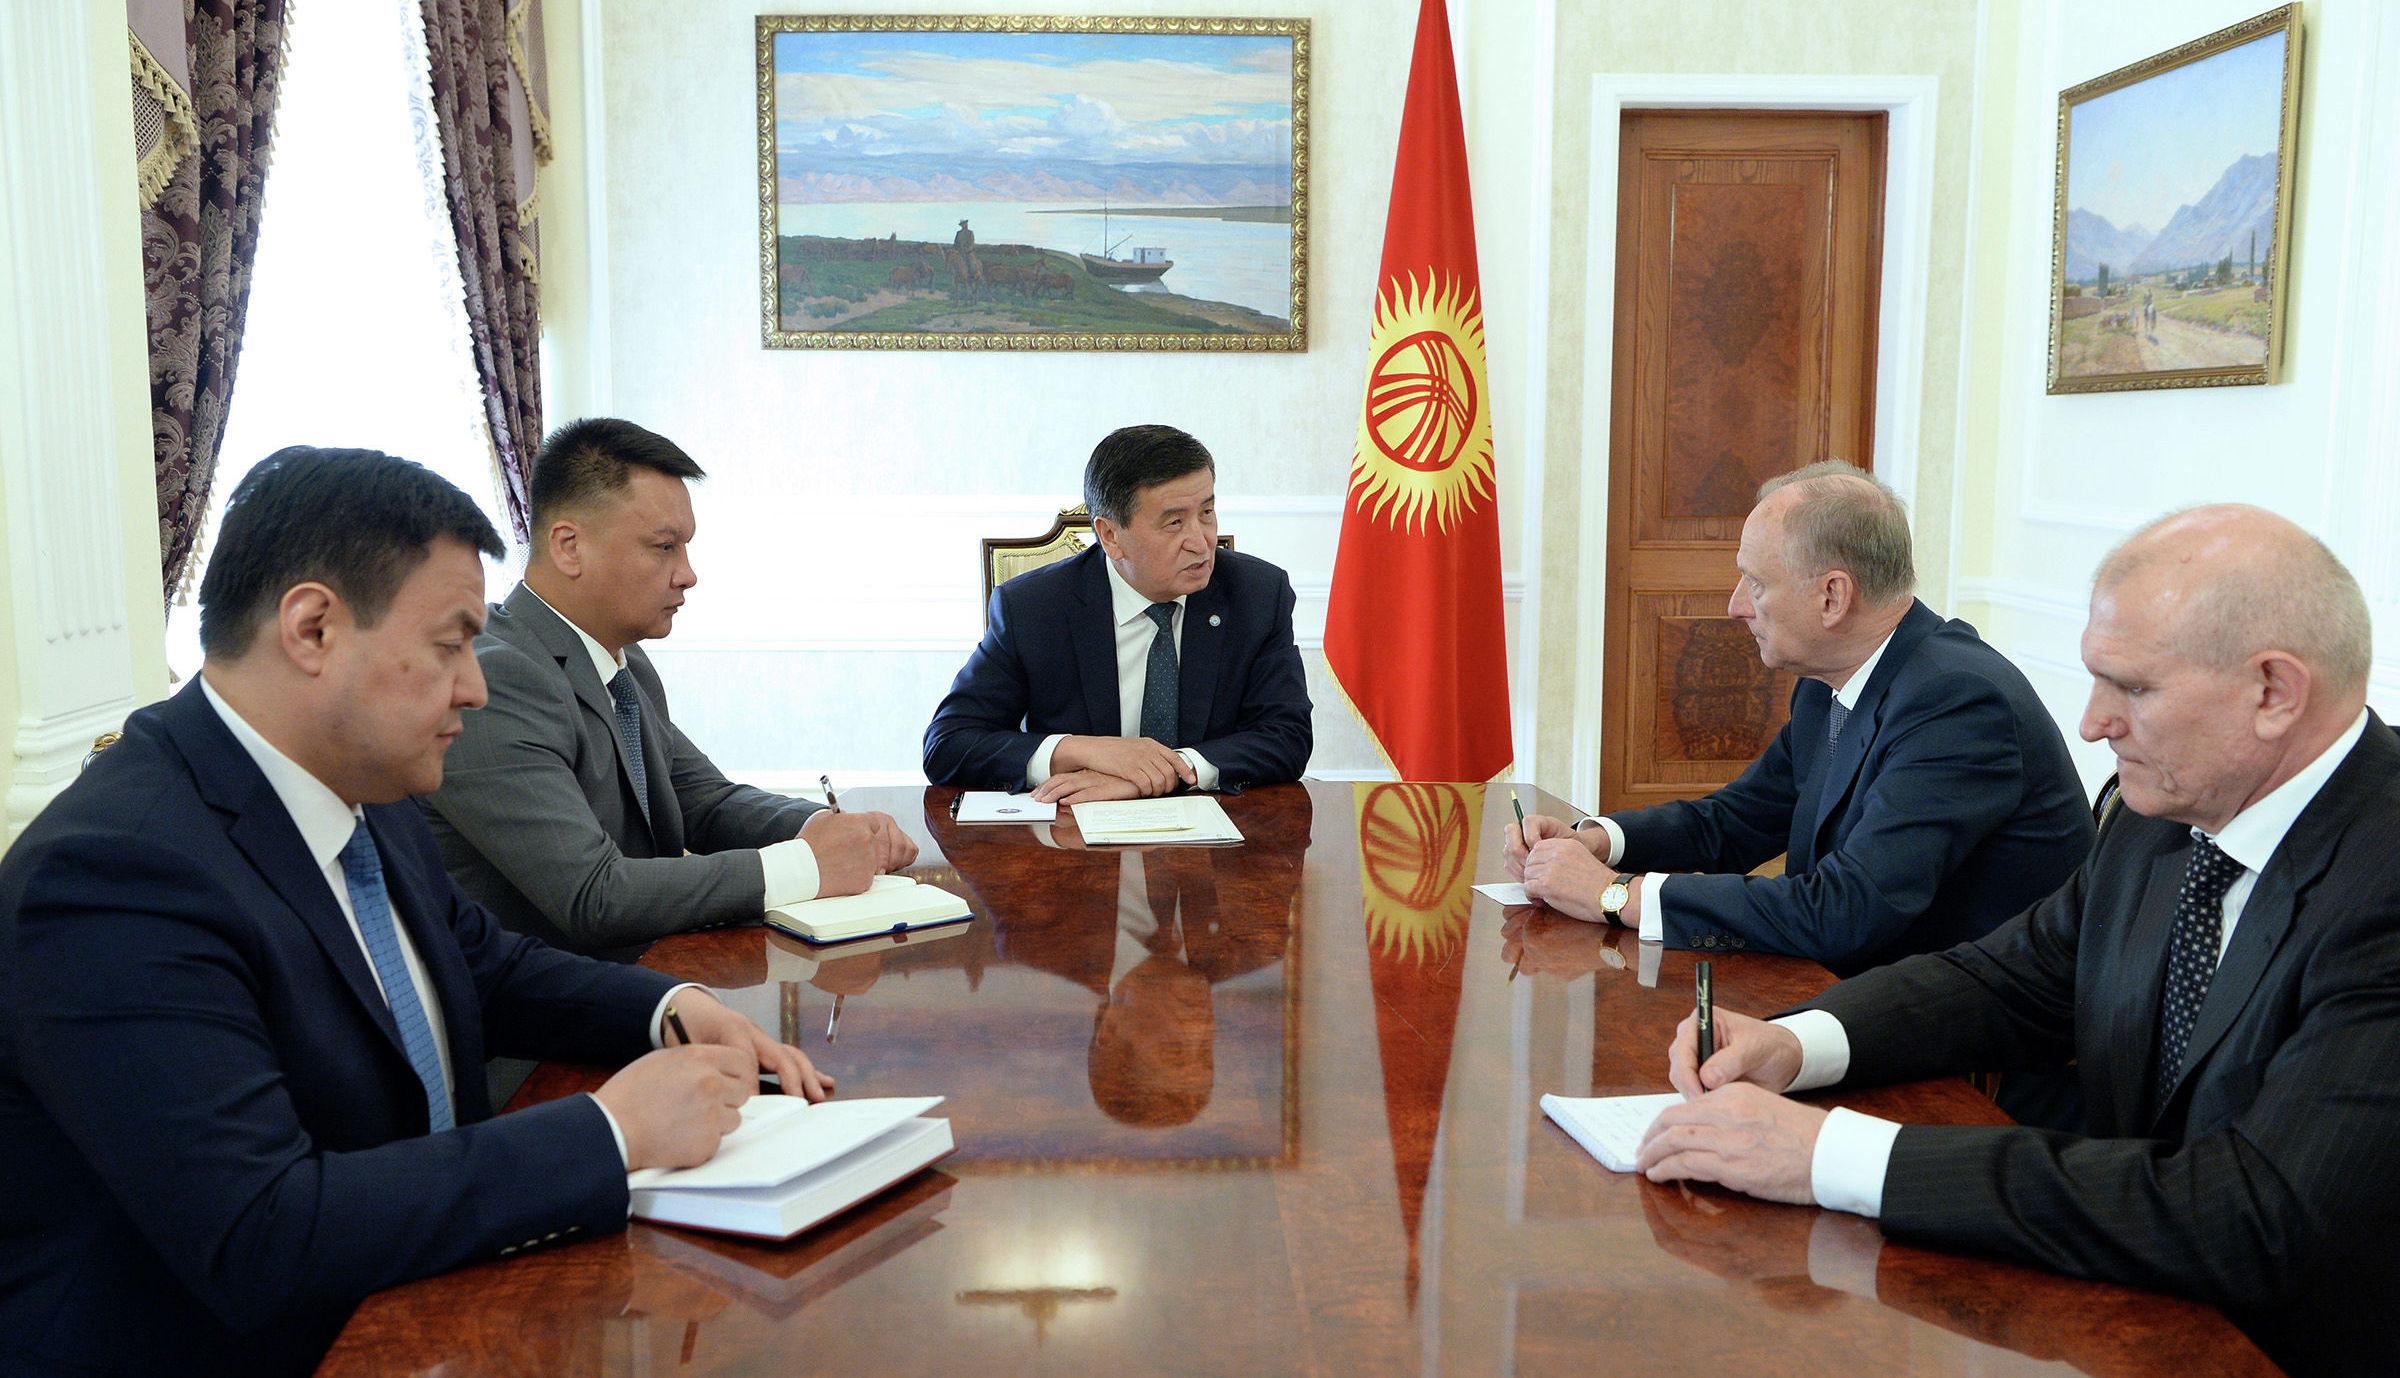 Президент КР Сооронбай Жээнбеков принял Секретаря Совета безопасности РФ Николая Патрушева, прибывшего в Кыргызстан